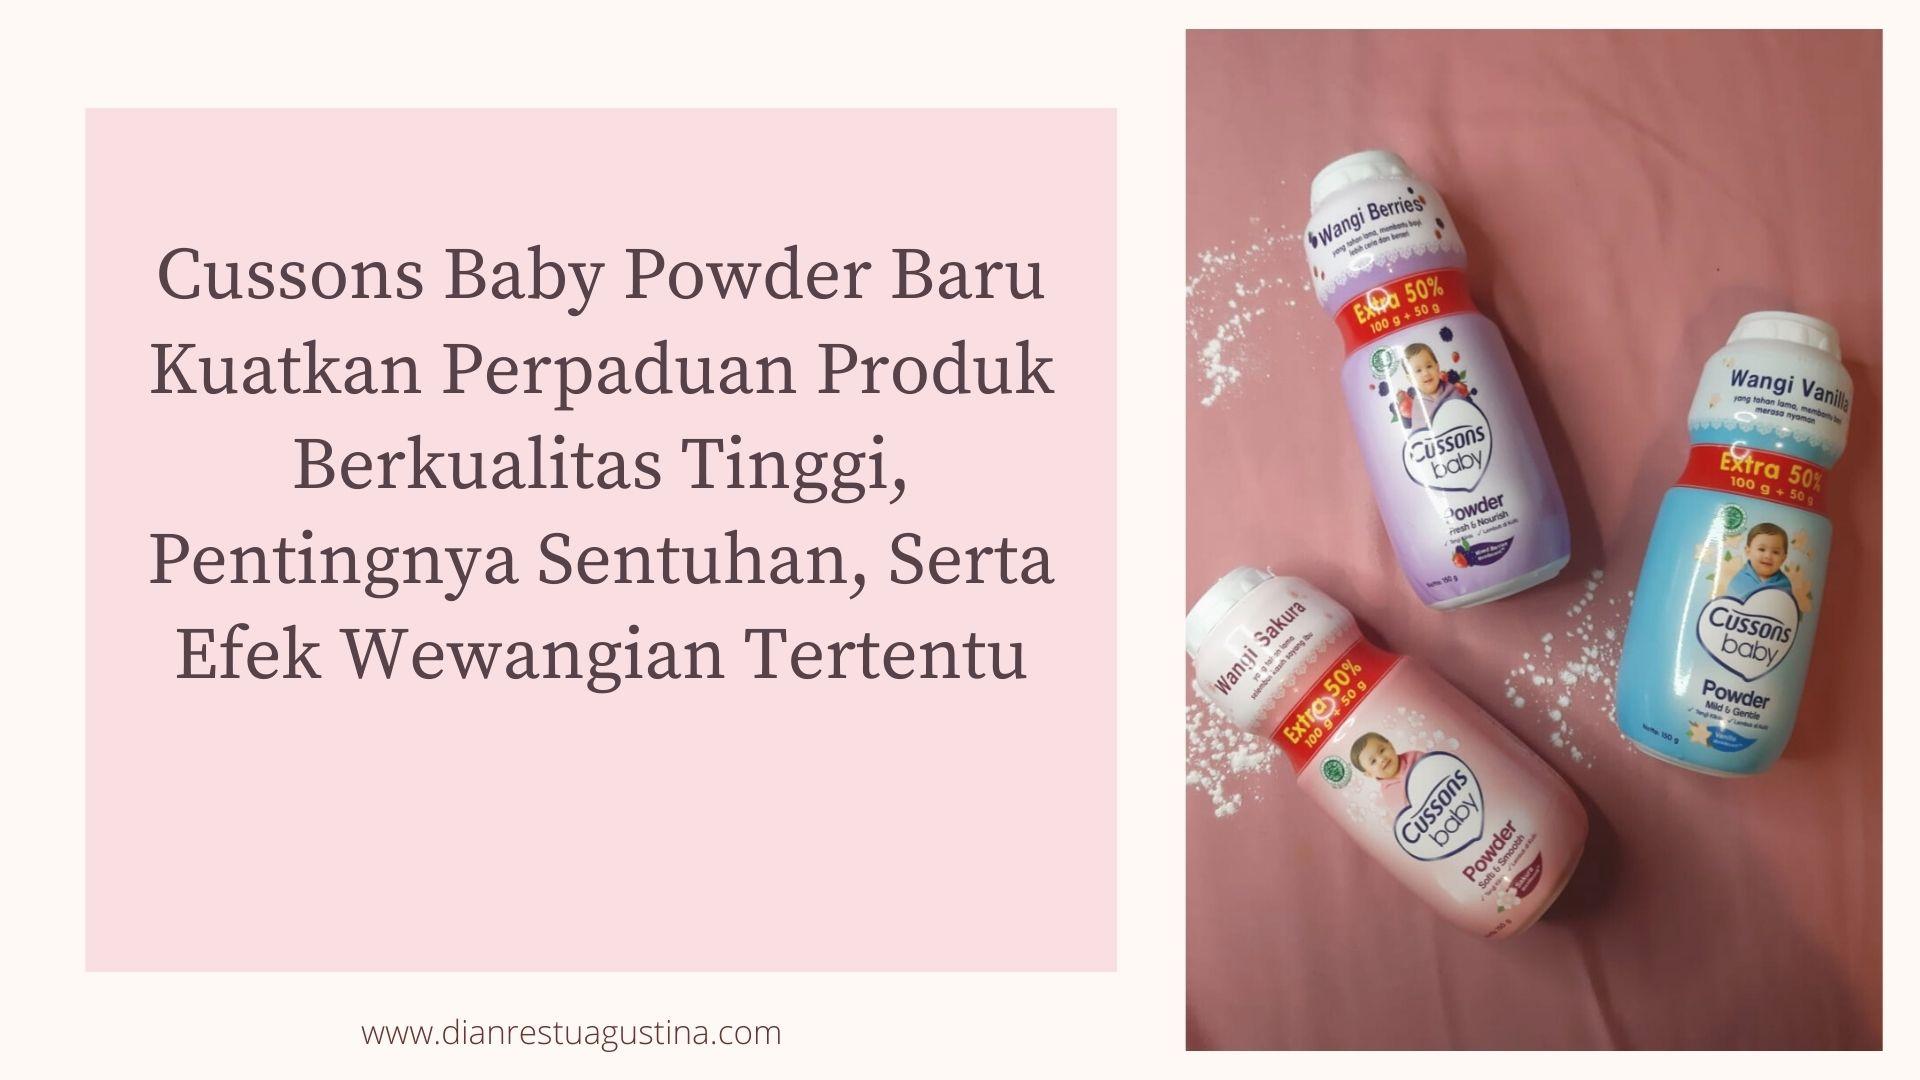 Cussons Baby Powder Baru, Kuatkan Perpaduan Produk Berkualitas Tinggi, Pentingnya Sentuhan, Serta Efek Wewangian Tertentu